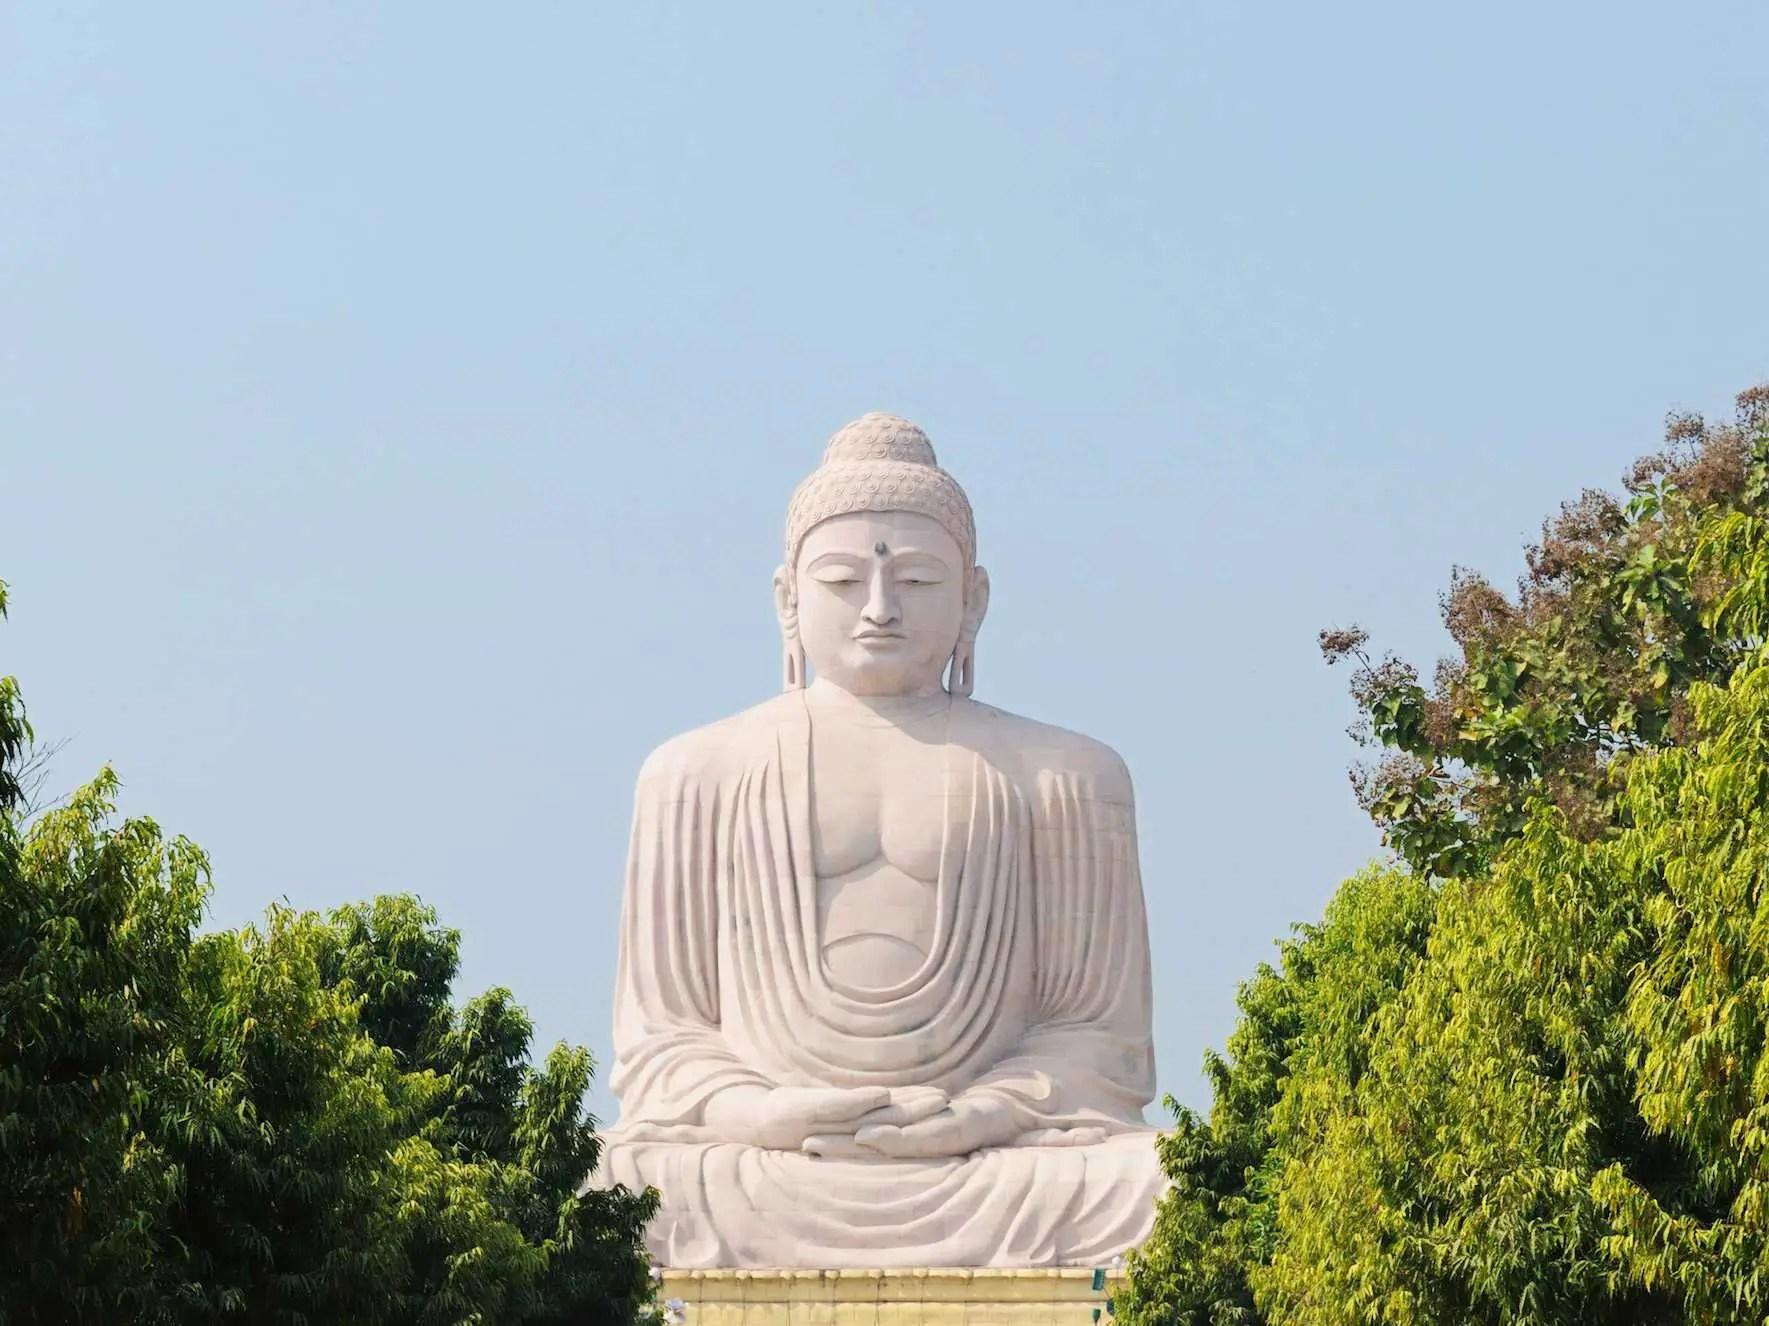 Giant Buddha Bodhgaya